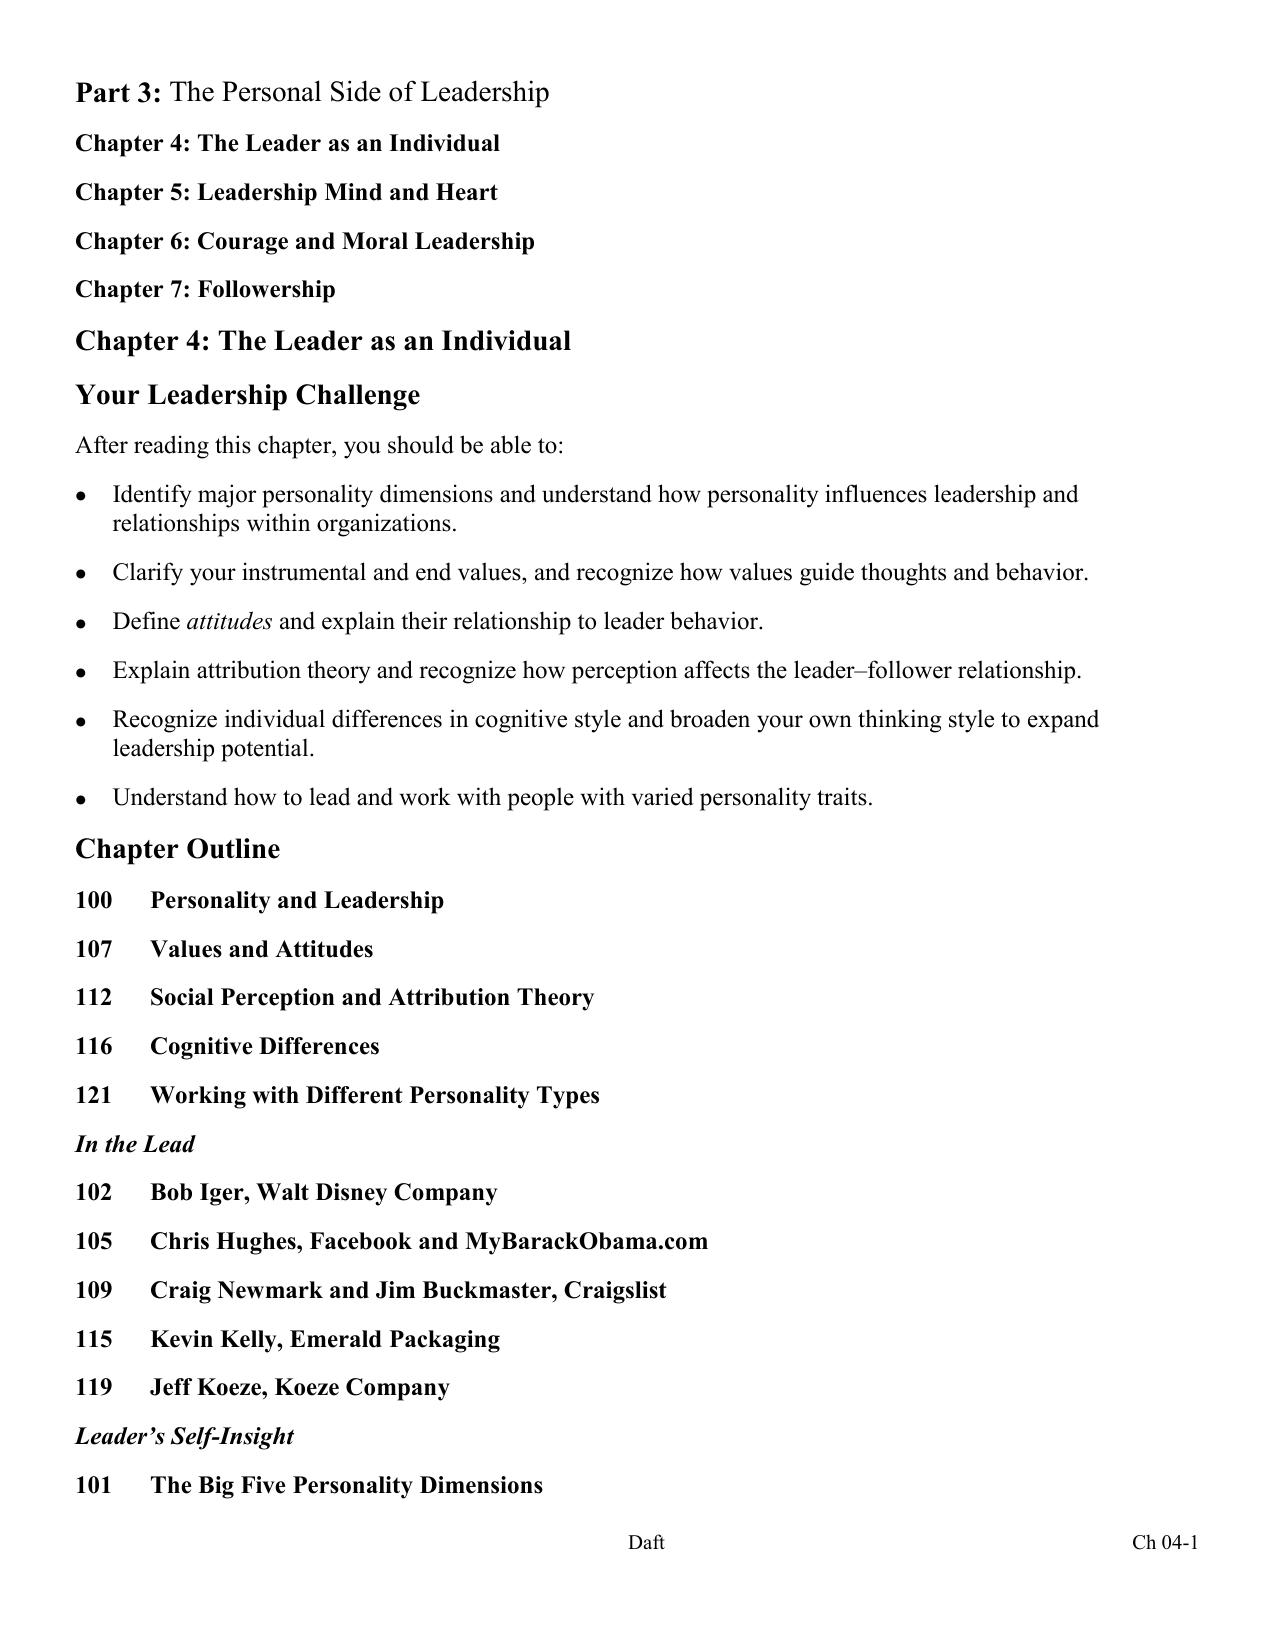 enfp development booklet myers steven warner jon c